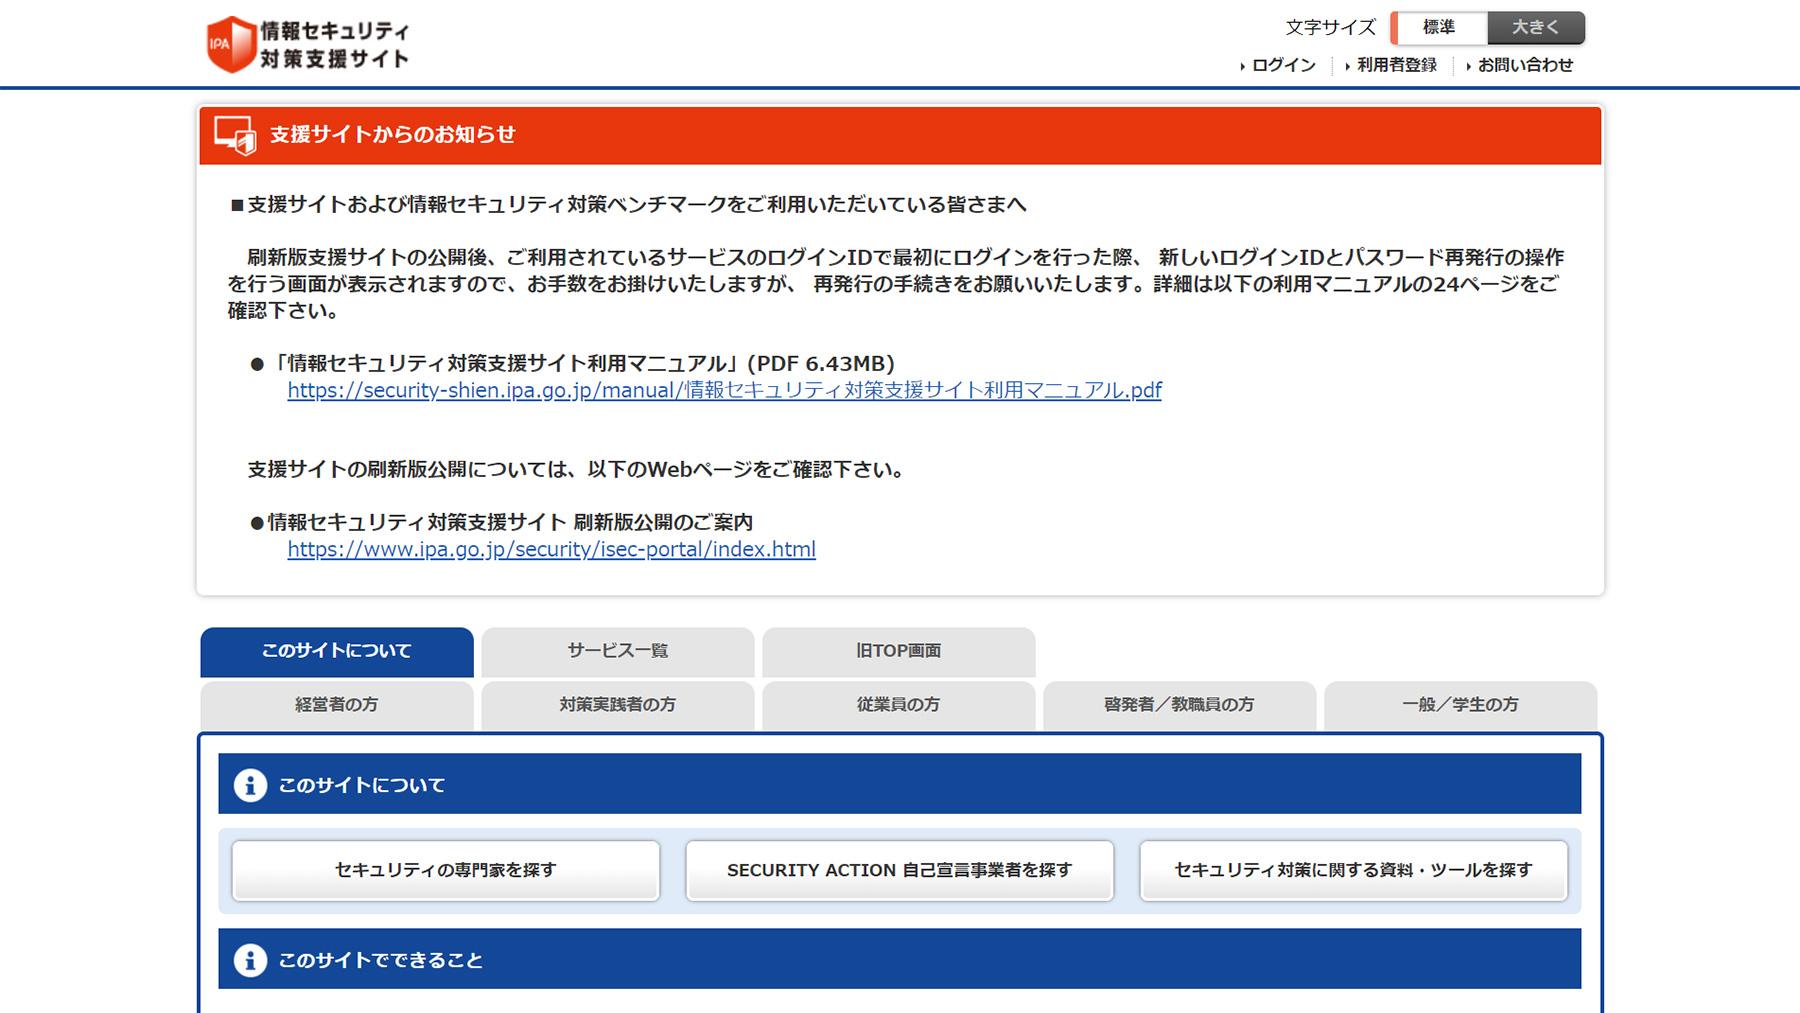 情報セキュリティ対策支援公式Webサイト